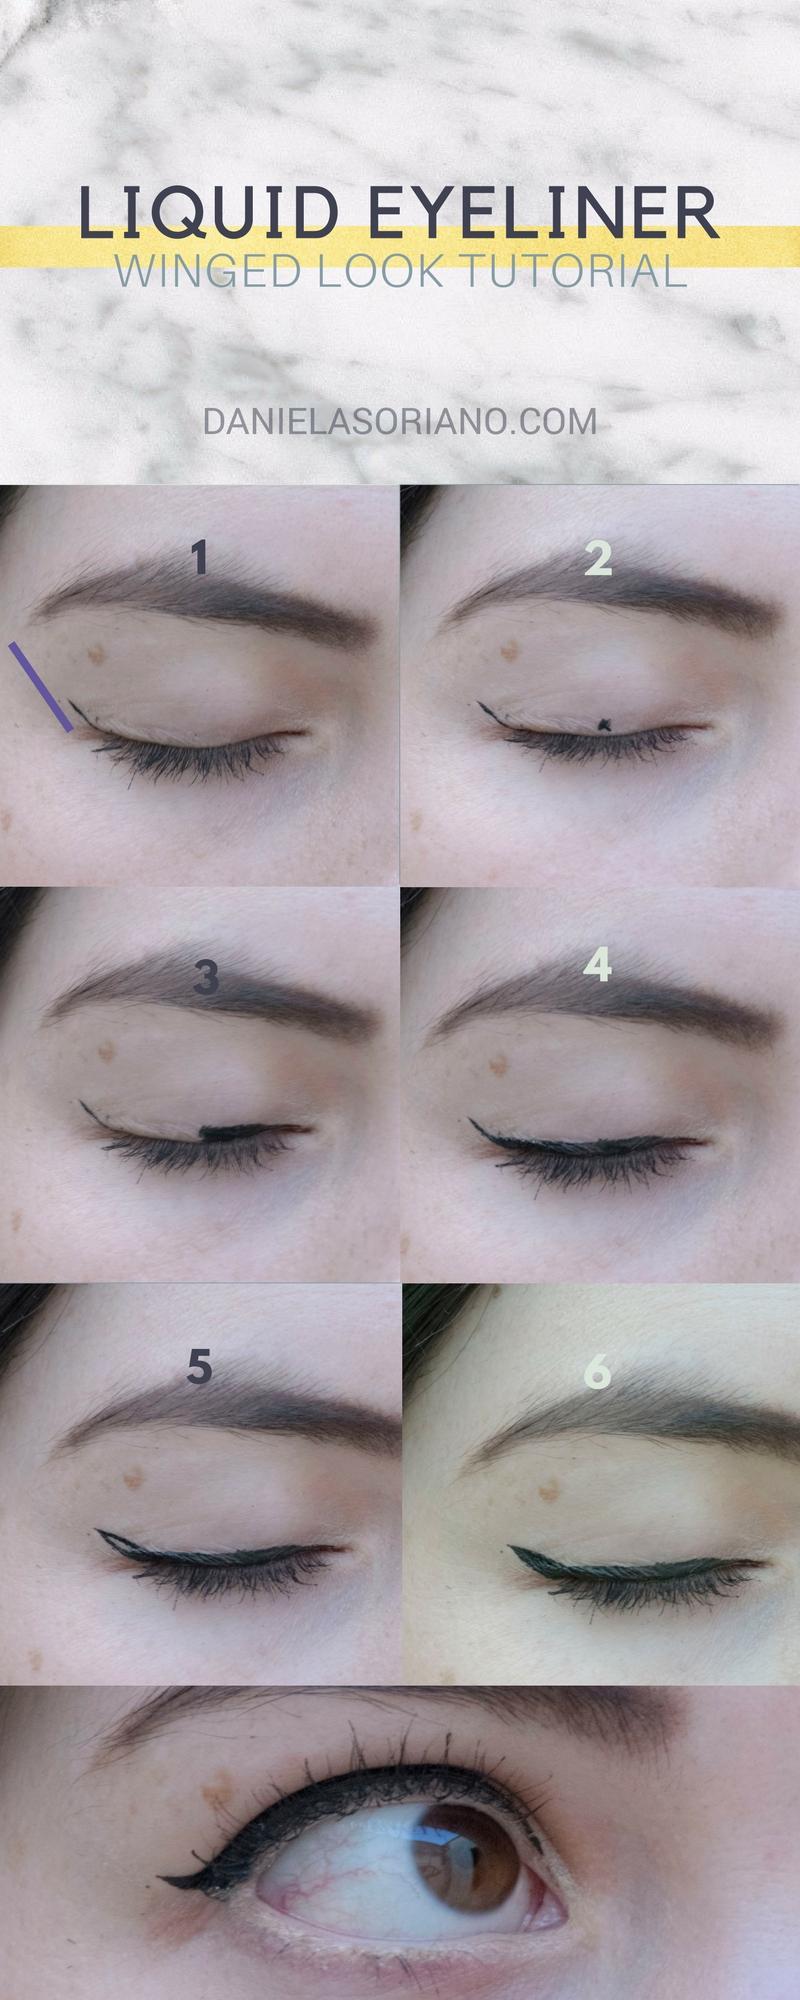 winged-eyeliner-tutorial